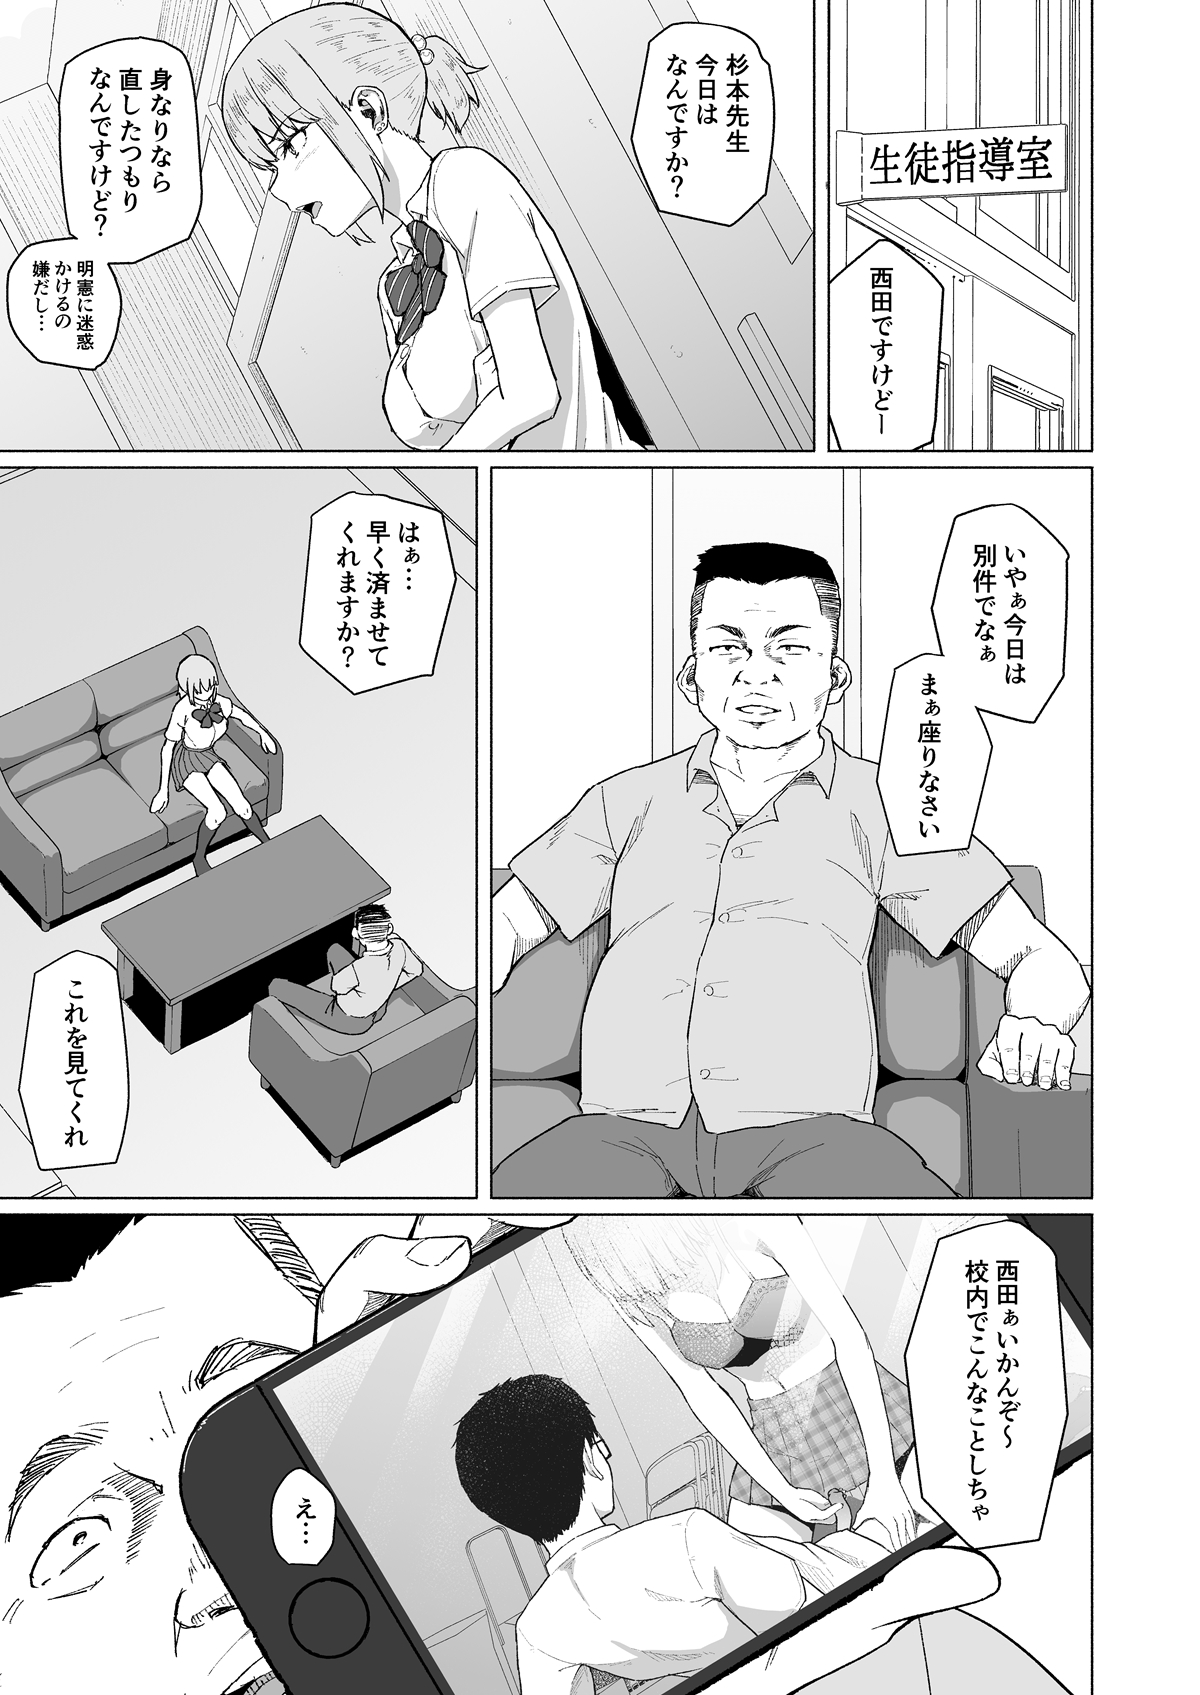 【エロ漫画】彼氏と校内でイチャついている様をスケベ教師に盗撮されてしまったJK…脅迫され処女を奪われてしまい!?【 まげきち:西田さんは寝取られる】